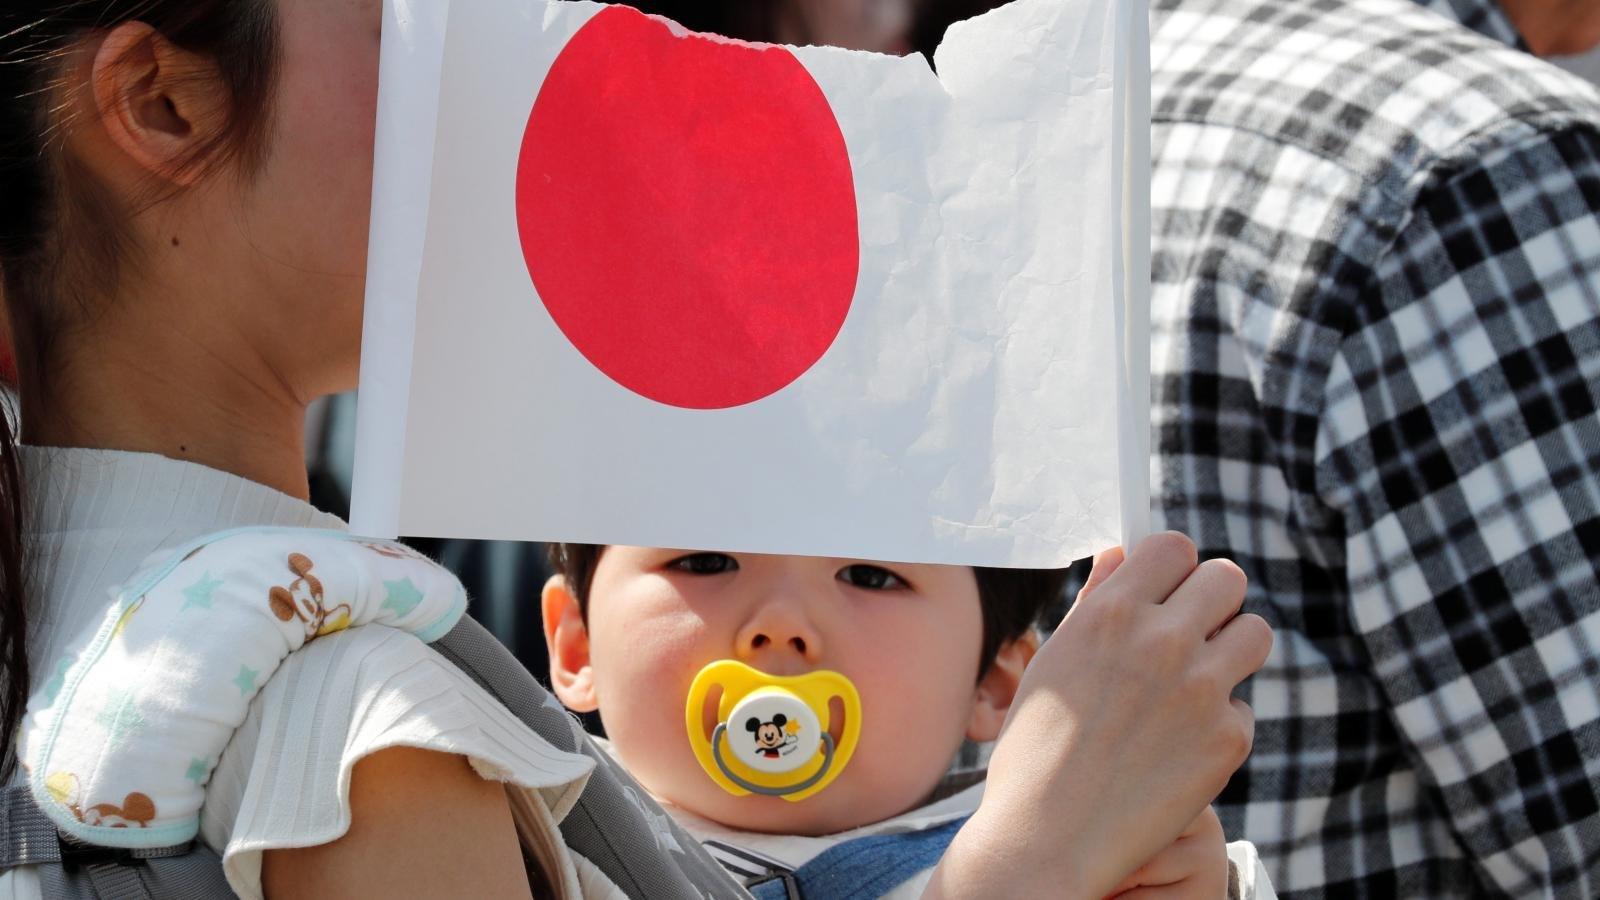 Япон улсын хүн амд хүүхдүүдийн эзлэх хувь түүхэн доод хэмжээндээ хүрчээ